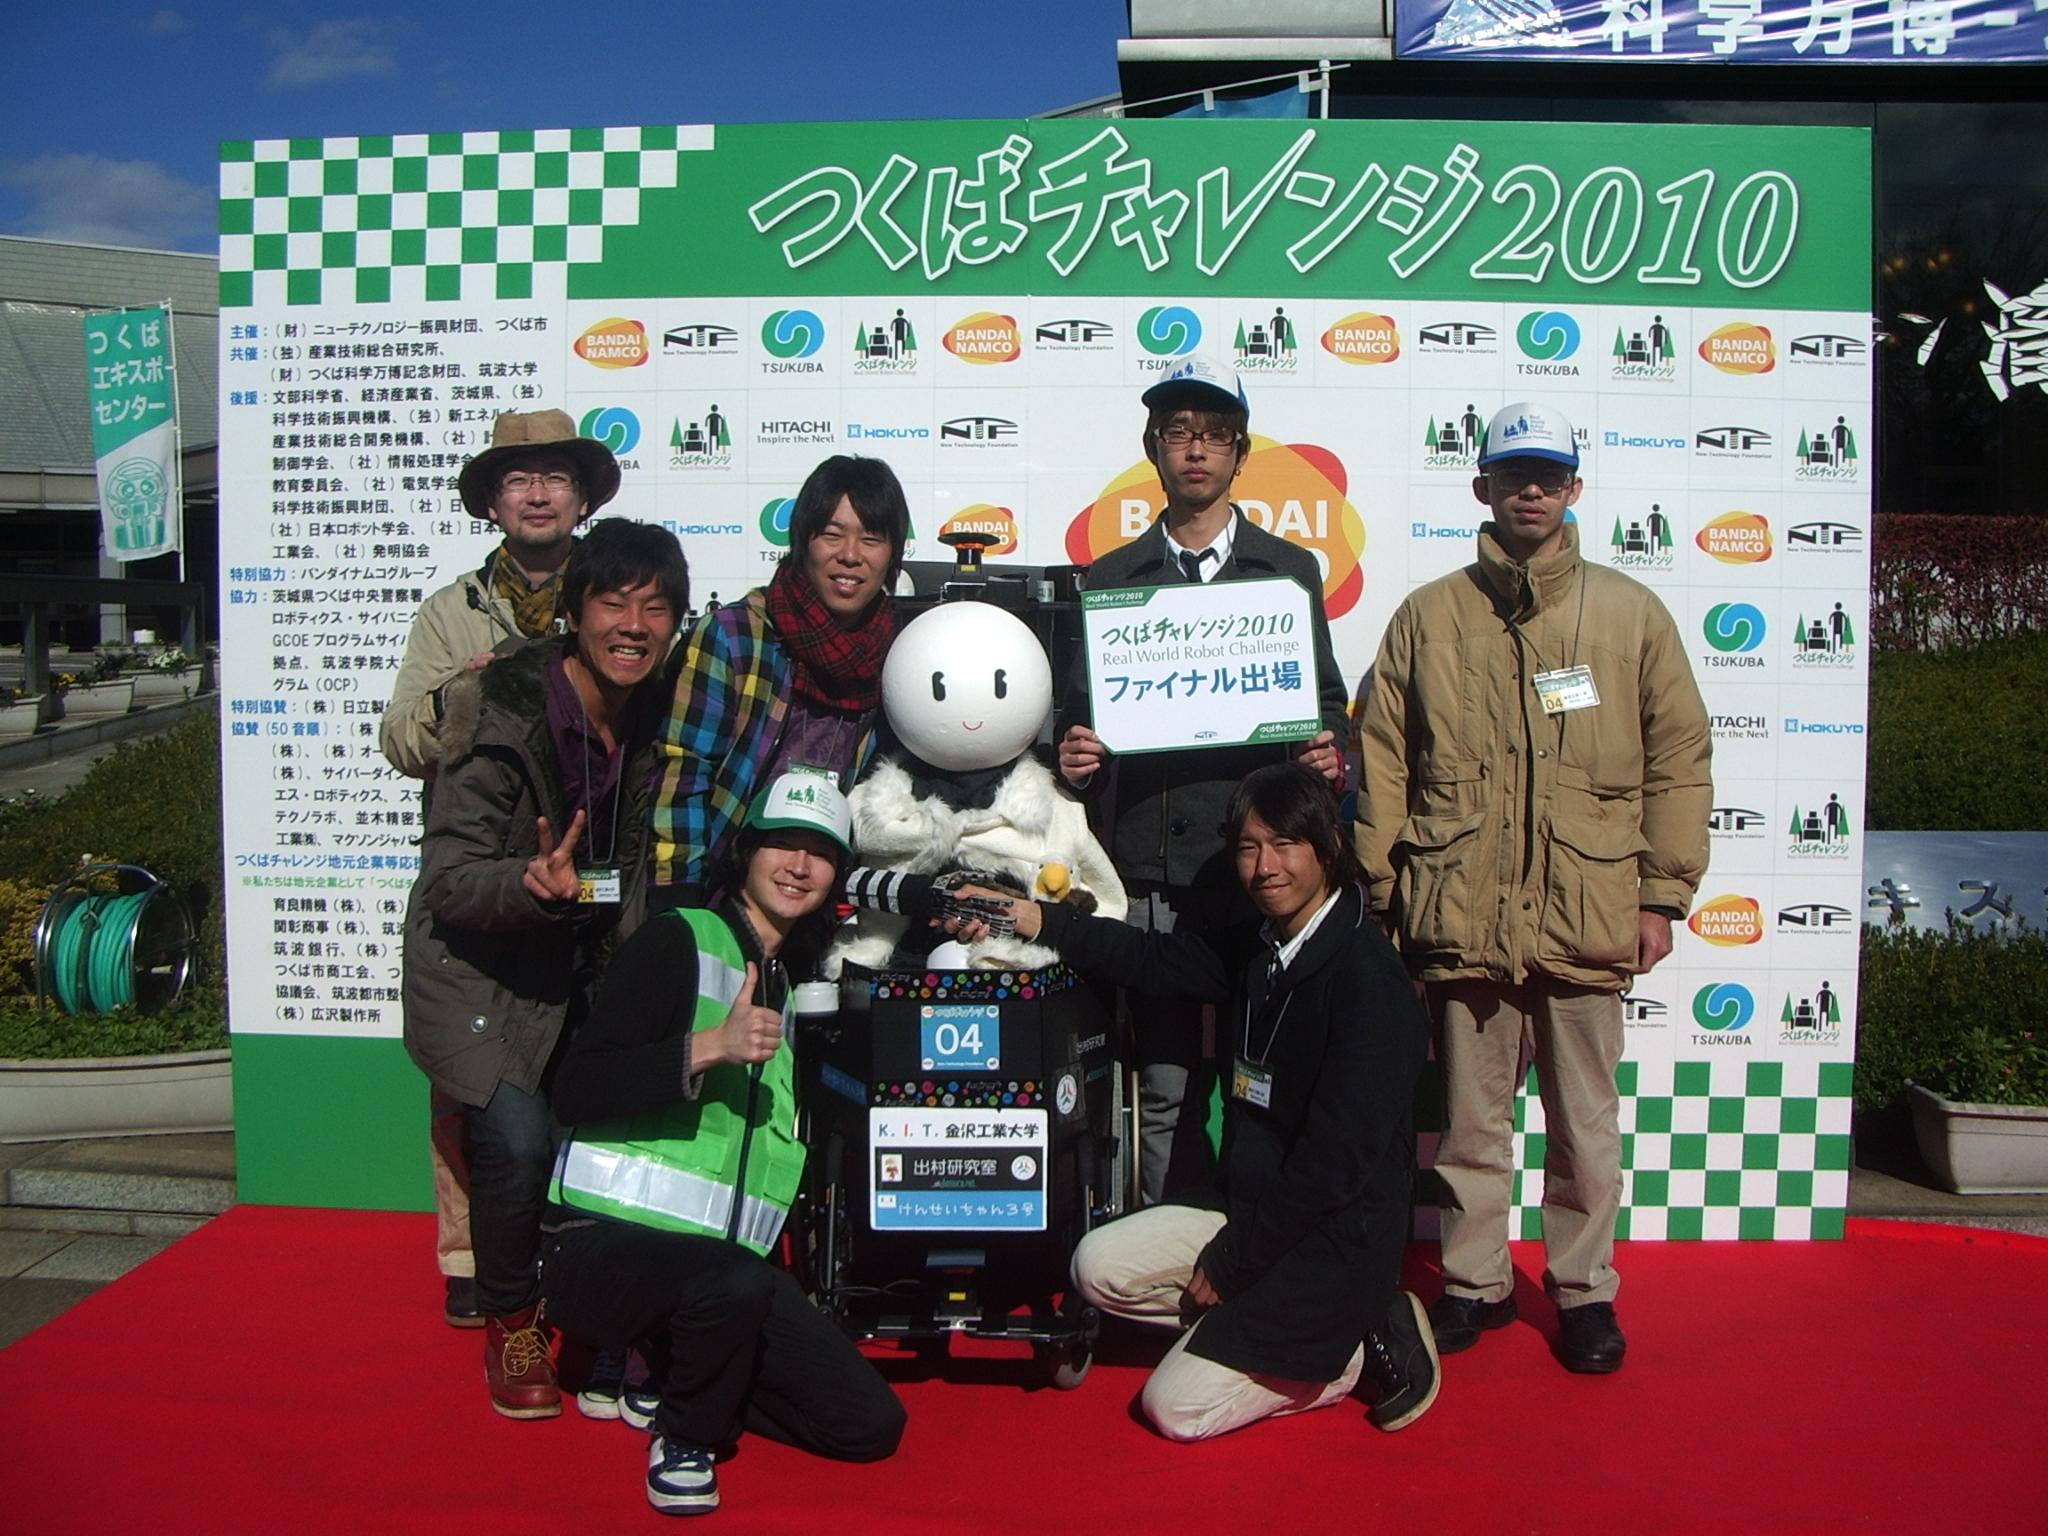 demura.netティーム 2010年のメンバー